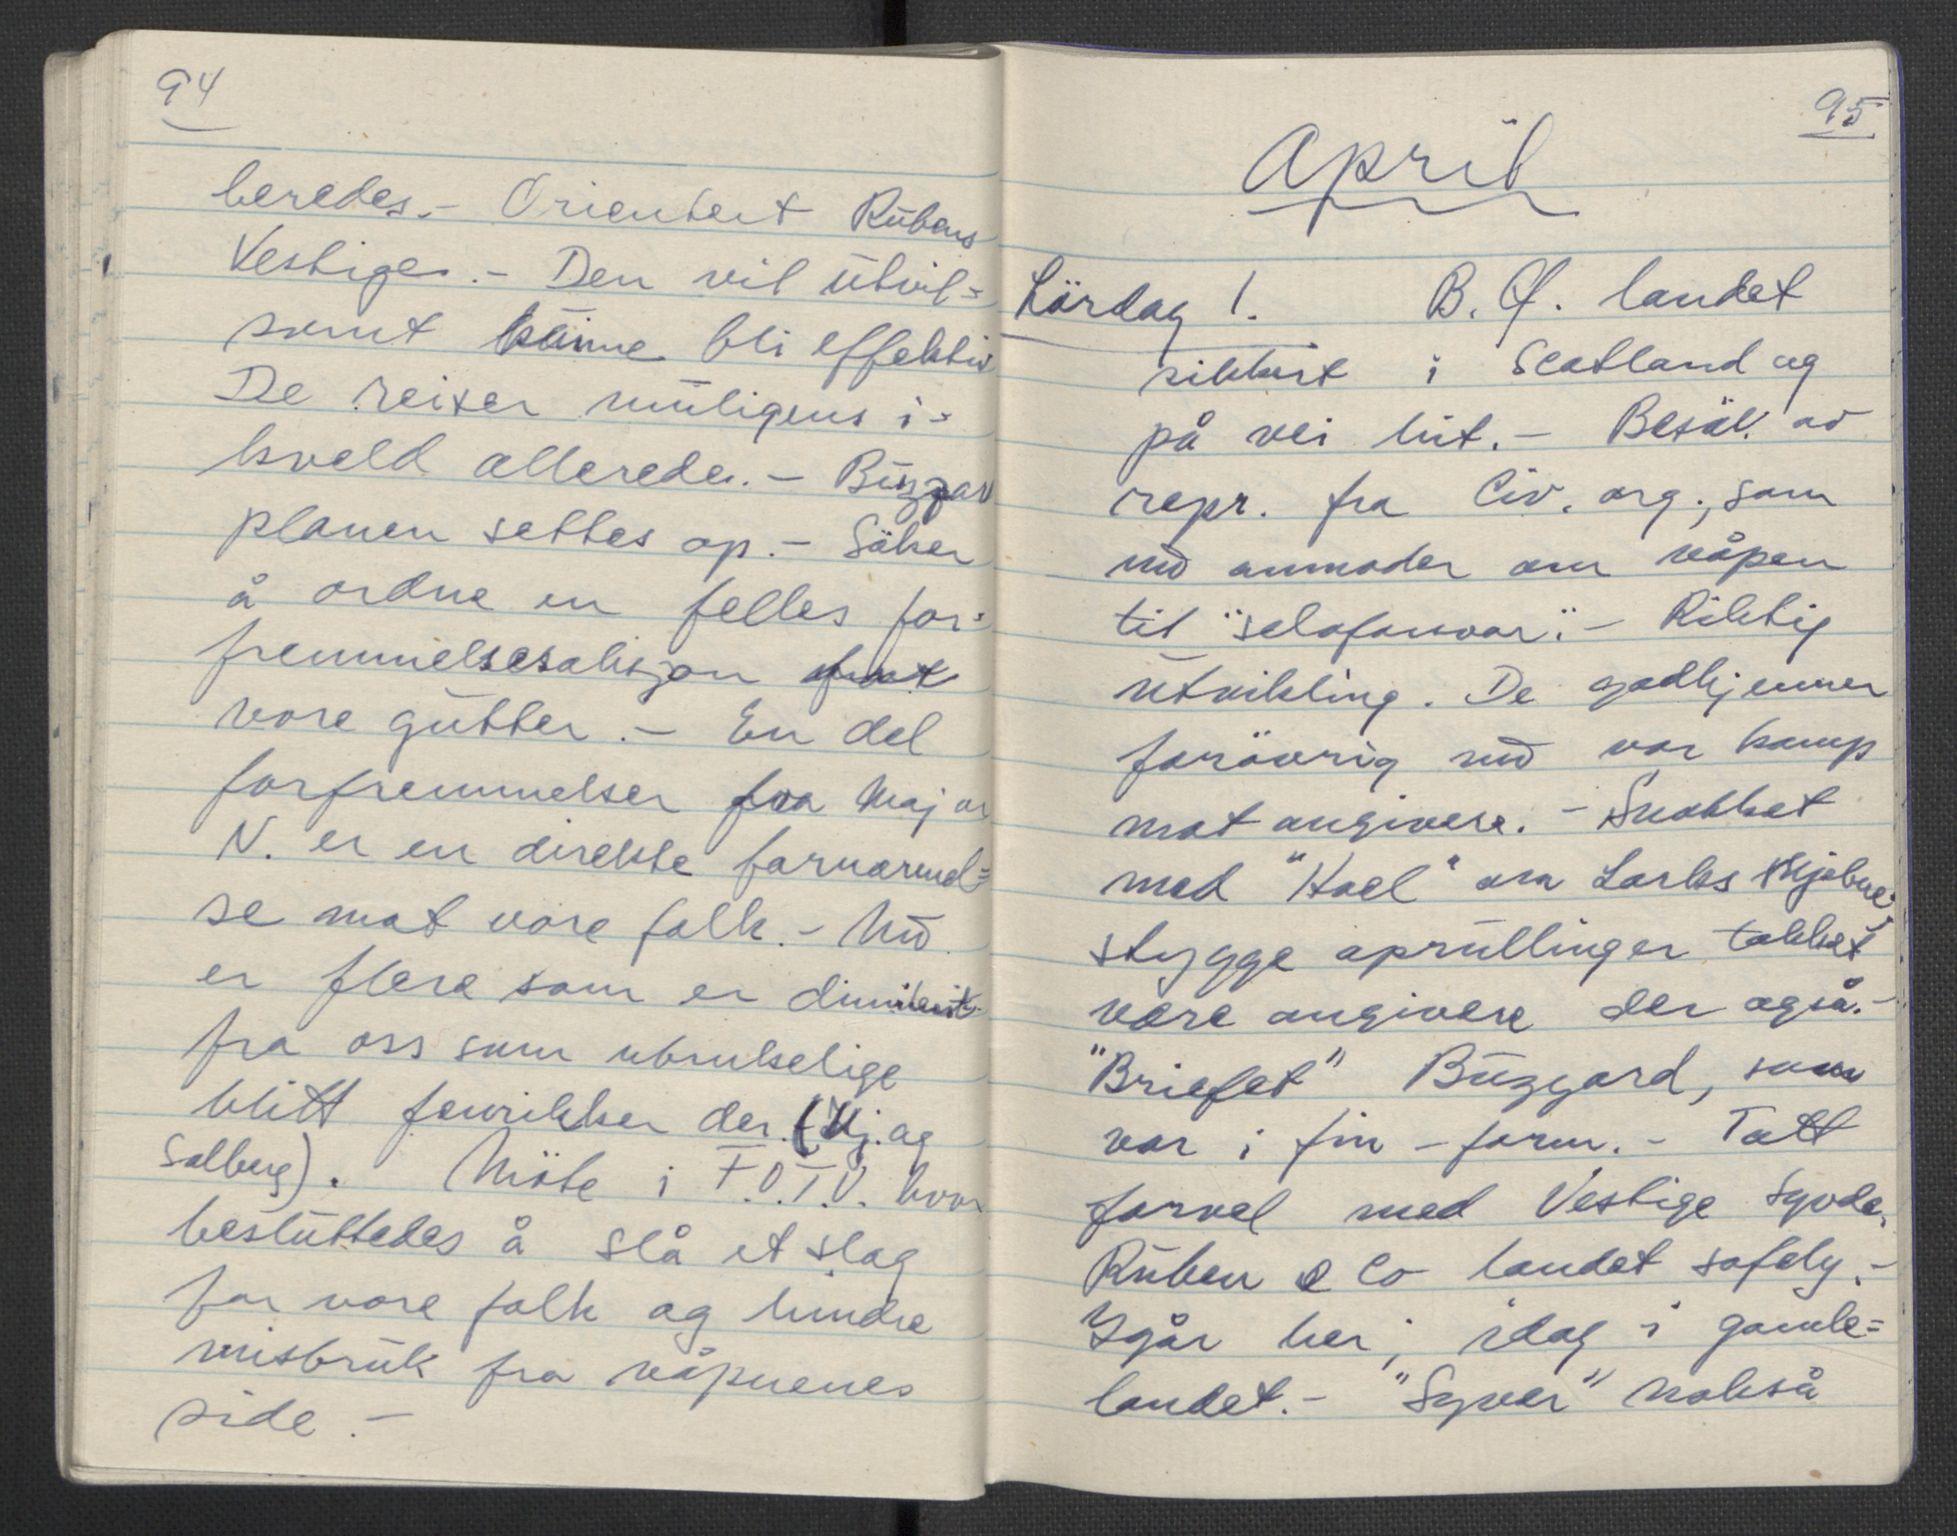 RA, Tronstad, Leif, F/L0001: Dagbøker, 1941-1945, s. 668